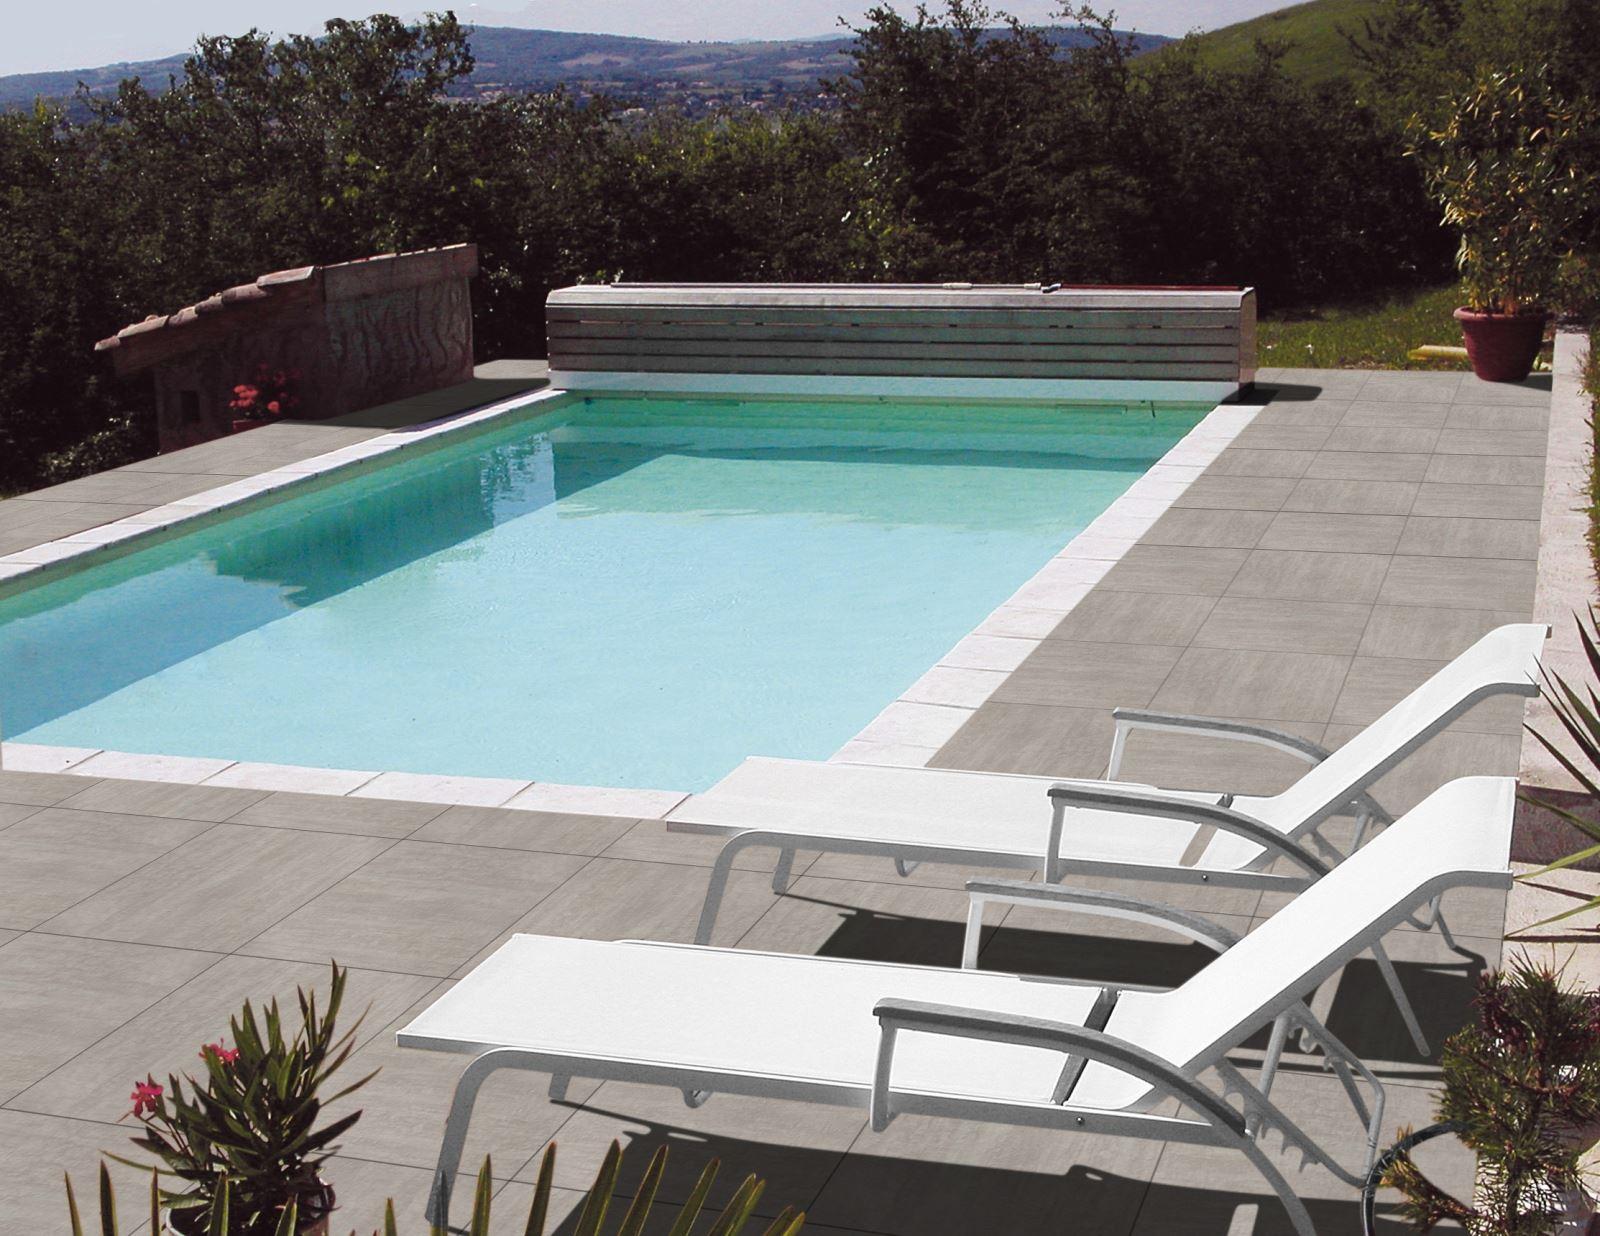 Piscine En Bois Alsace votre piscine en alsace avec votre paysagiste baradel paysage